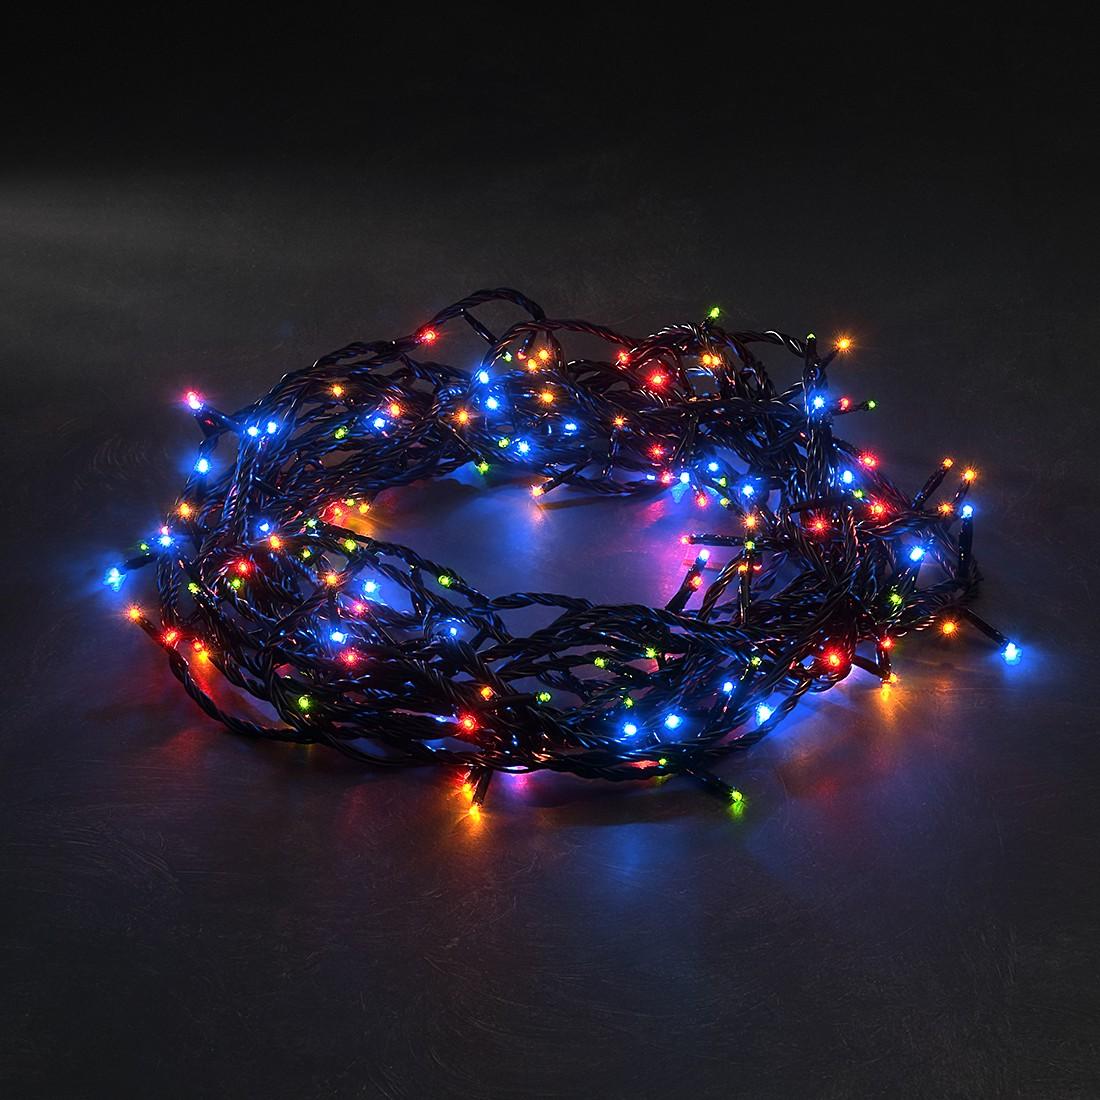 Micro LED Lichterkette ● 8 Funktionen + Memoryfunktion ● 180 bunte Dioden ● Außen- Konstsmide A+